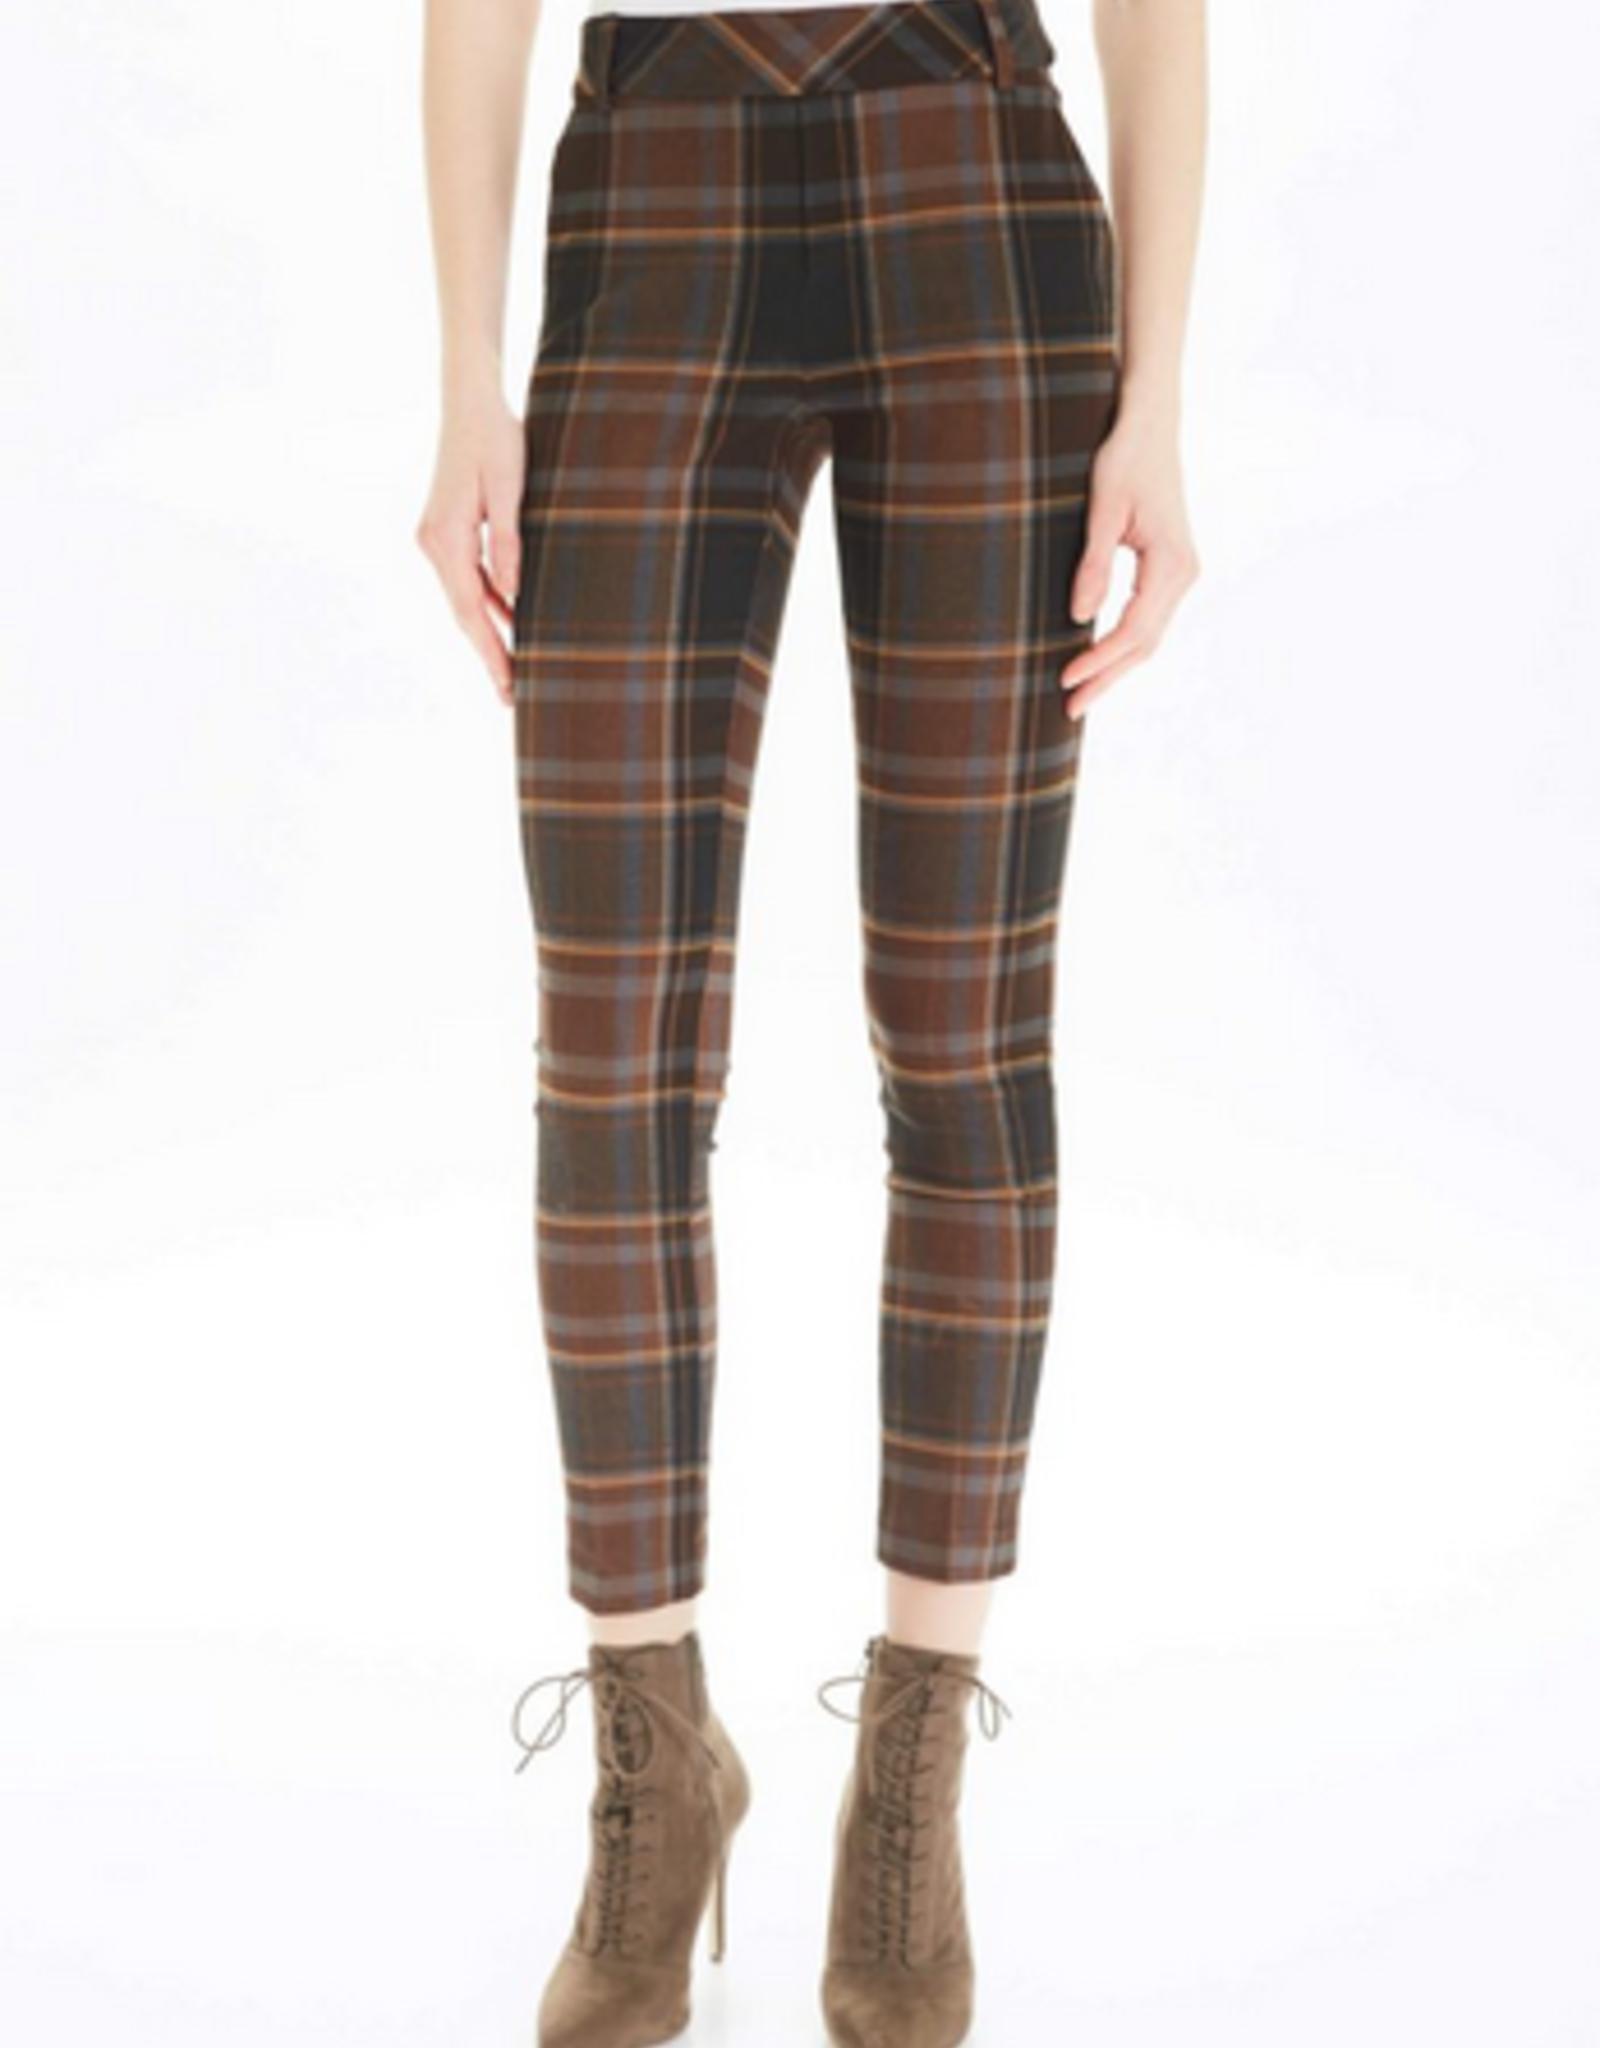 Gillingham Gwyneth pants